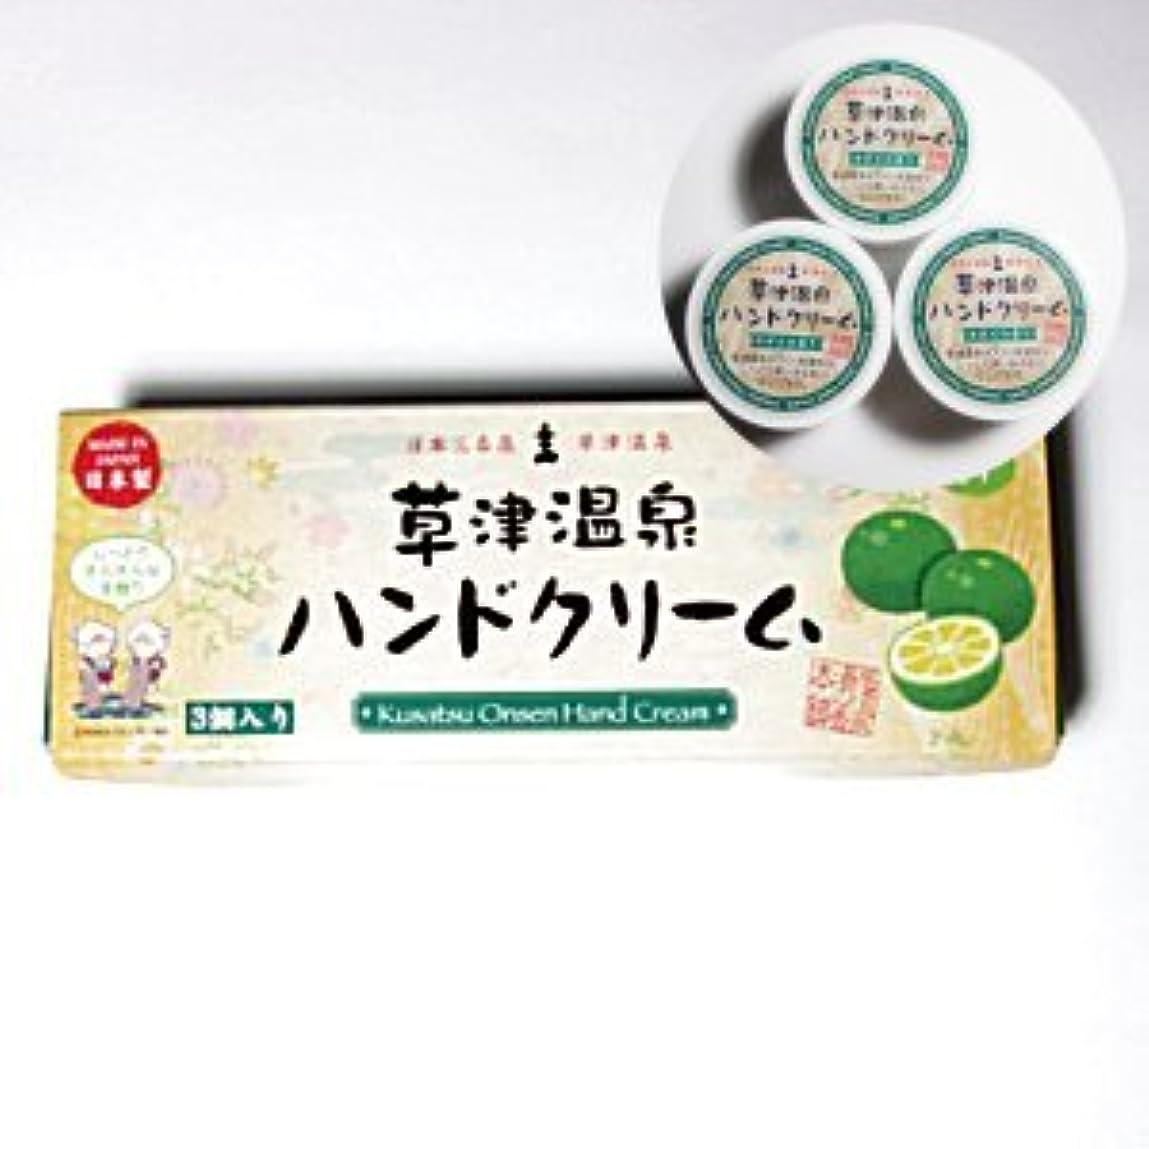 心から健全アリ草津温泉ハンドクリーム カボスの香り 15gx3